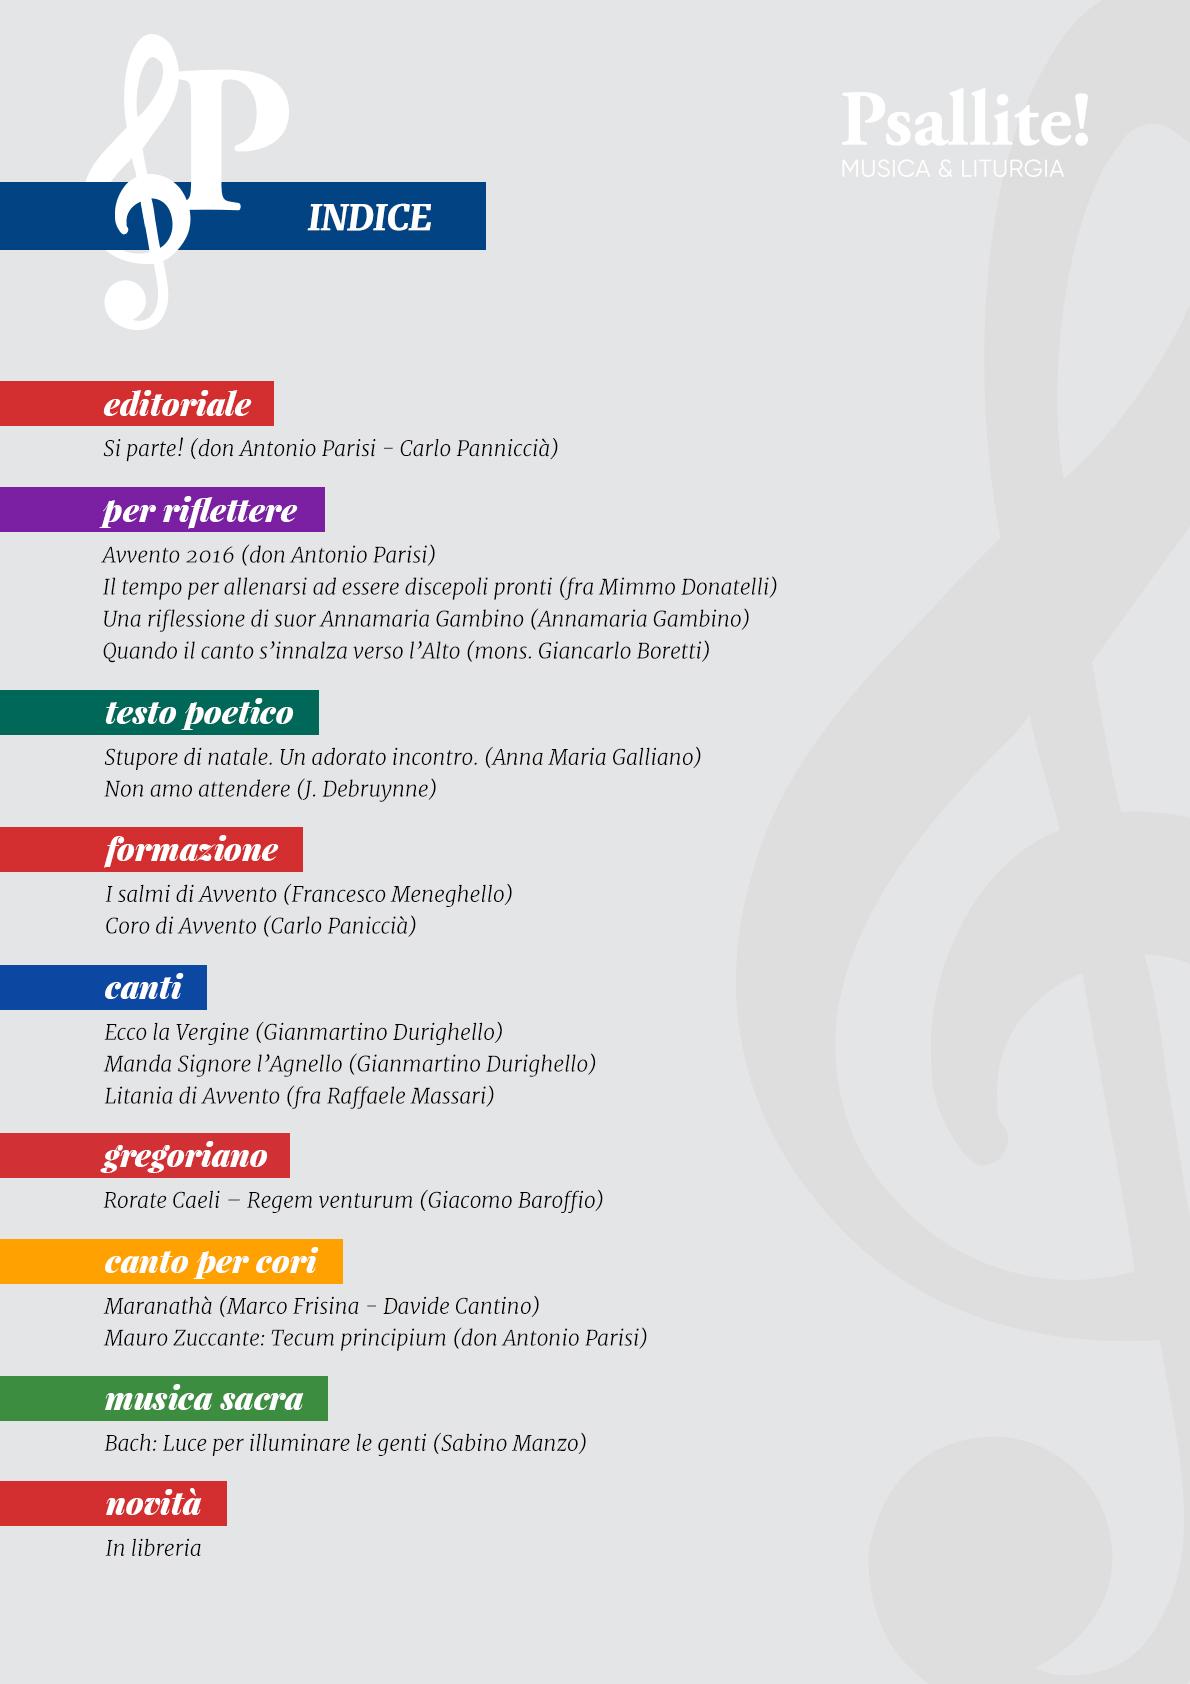 Calendario Liturgico Maranatha.Psallite La Nuova Rivista Online Di Musica Liturgica